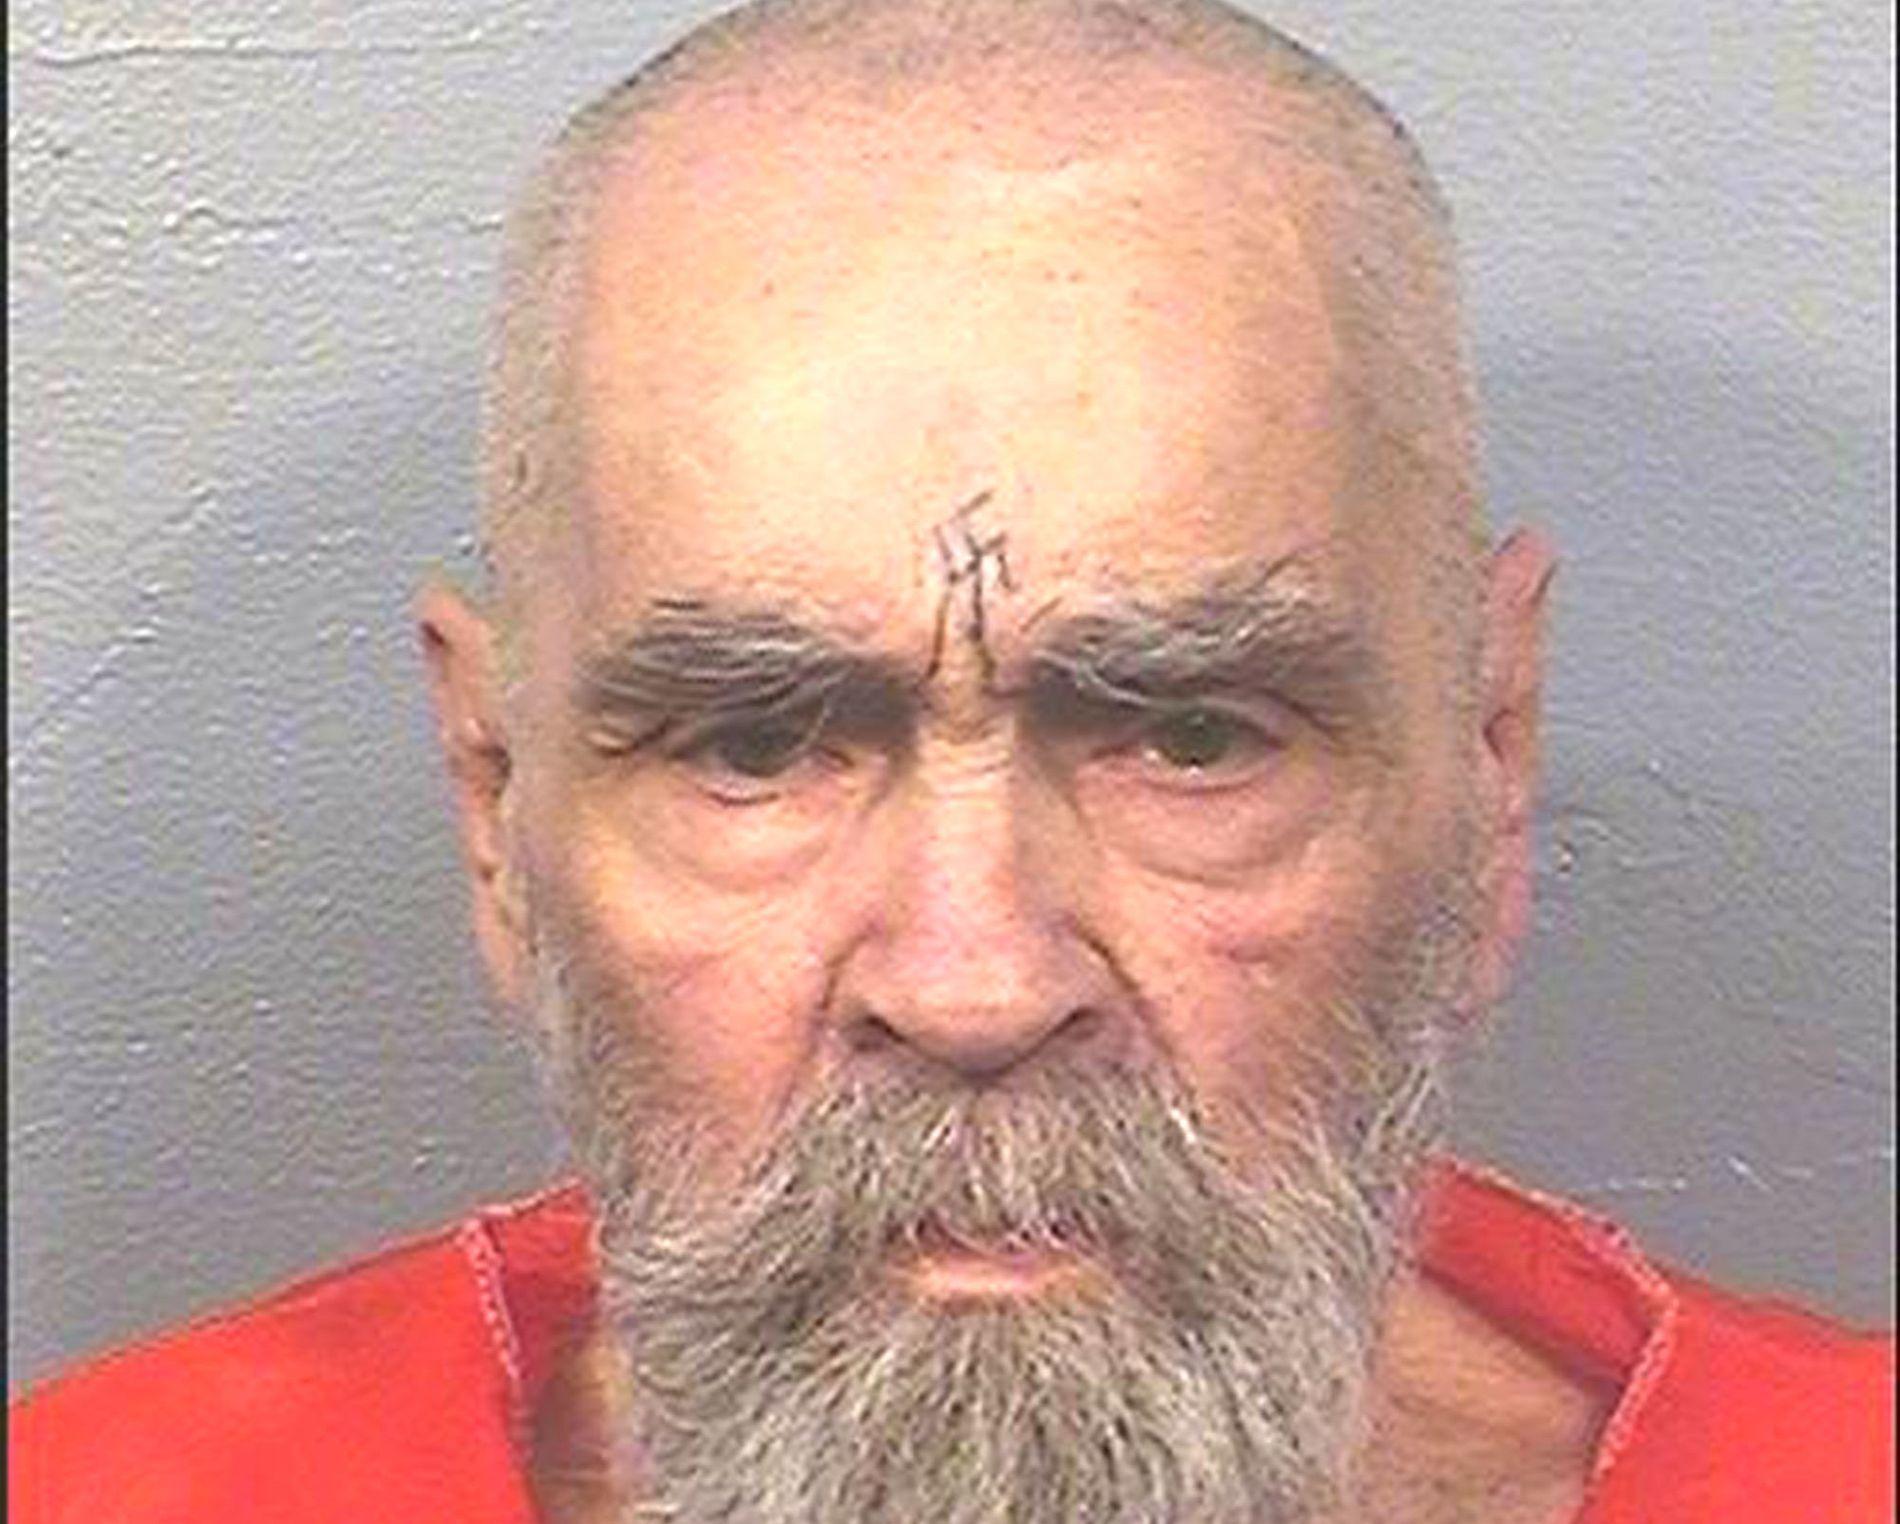 NÅ: Dette er det nyeste bildet av kultlederen Charles Manson. Her er han 82 år i et oppdatert fengselsbilde fra Californias Corcoran State prison hvor Manson soner flere livstidsdommer for medvirkning for drapene på ni mennesker i 1969.